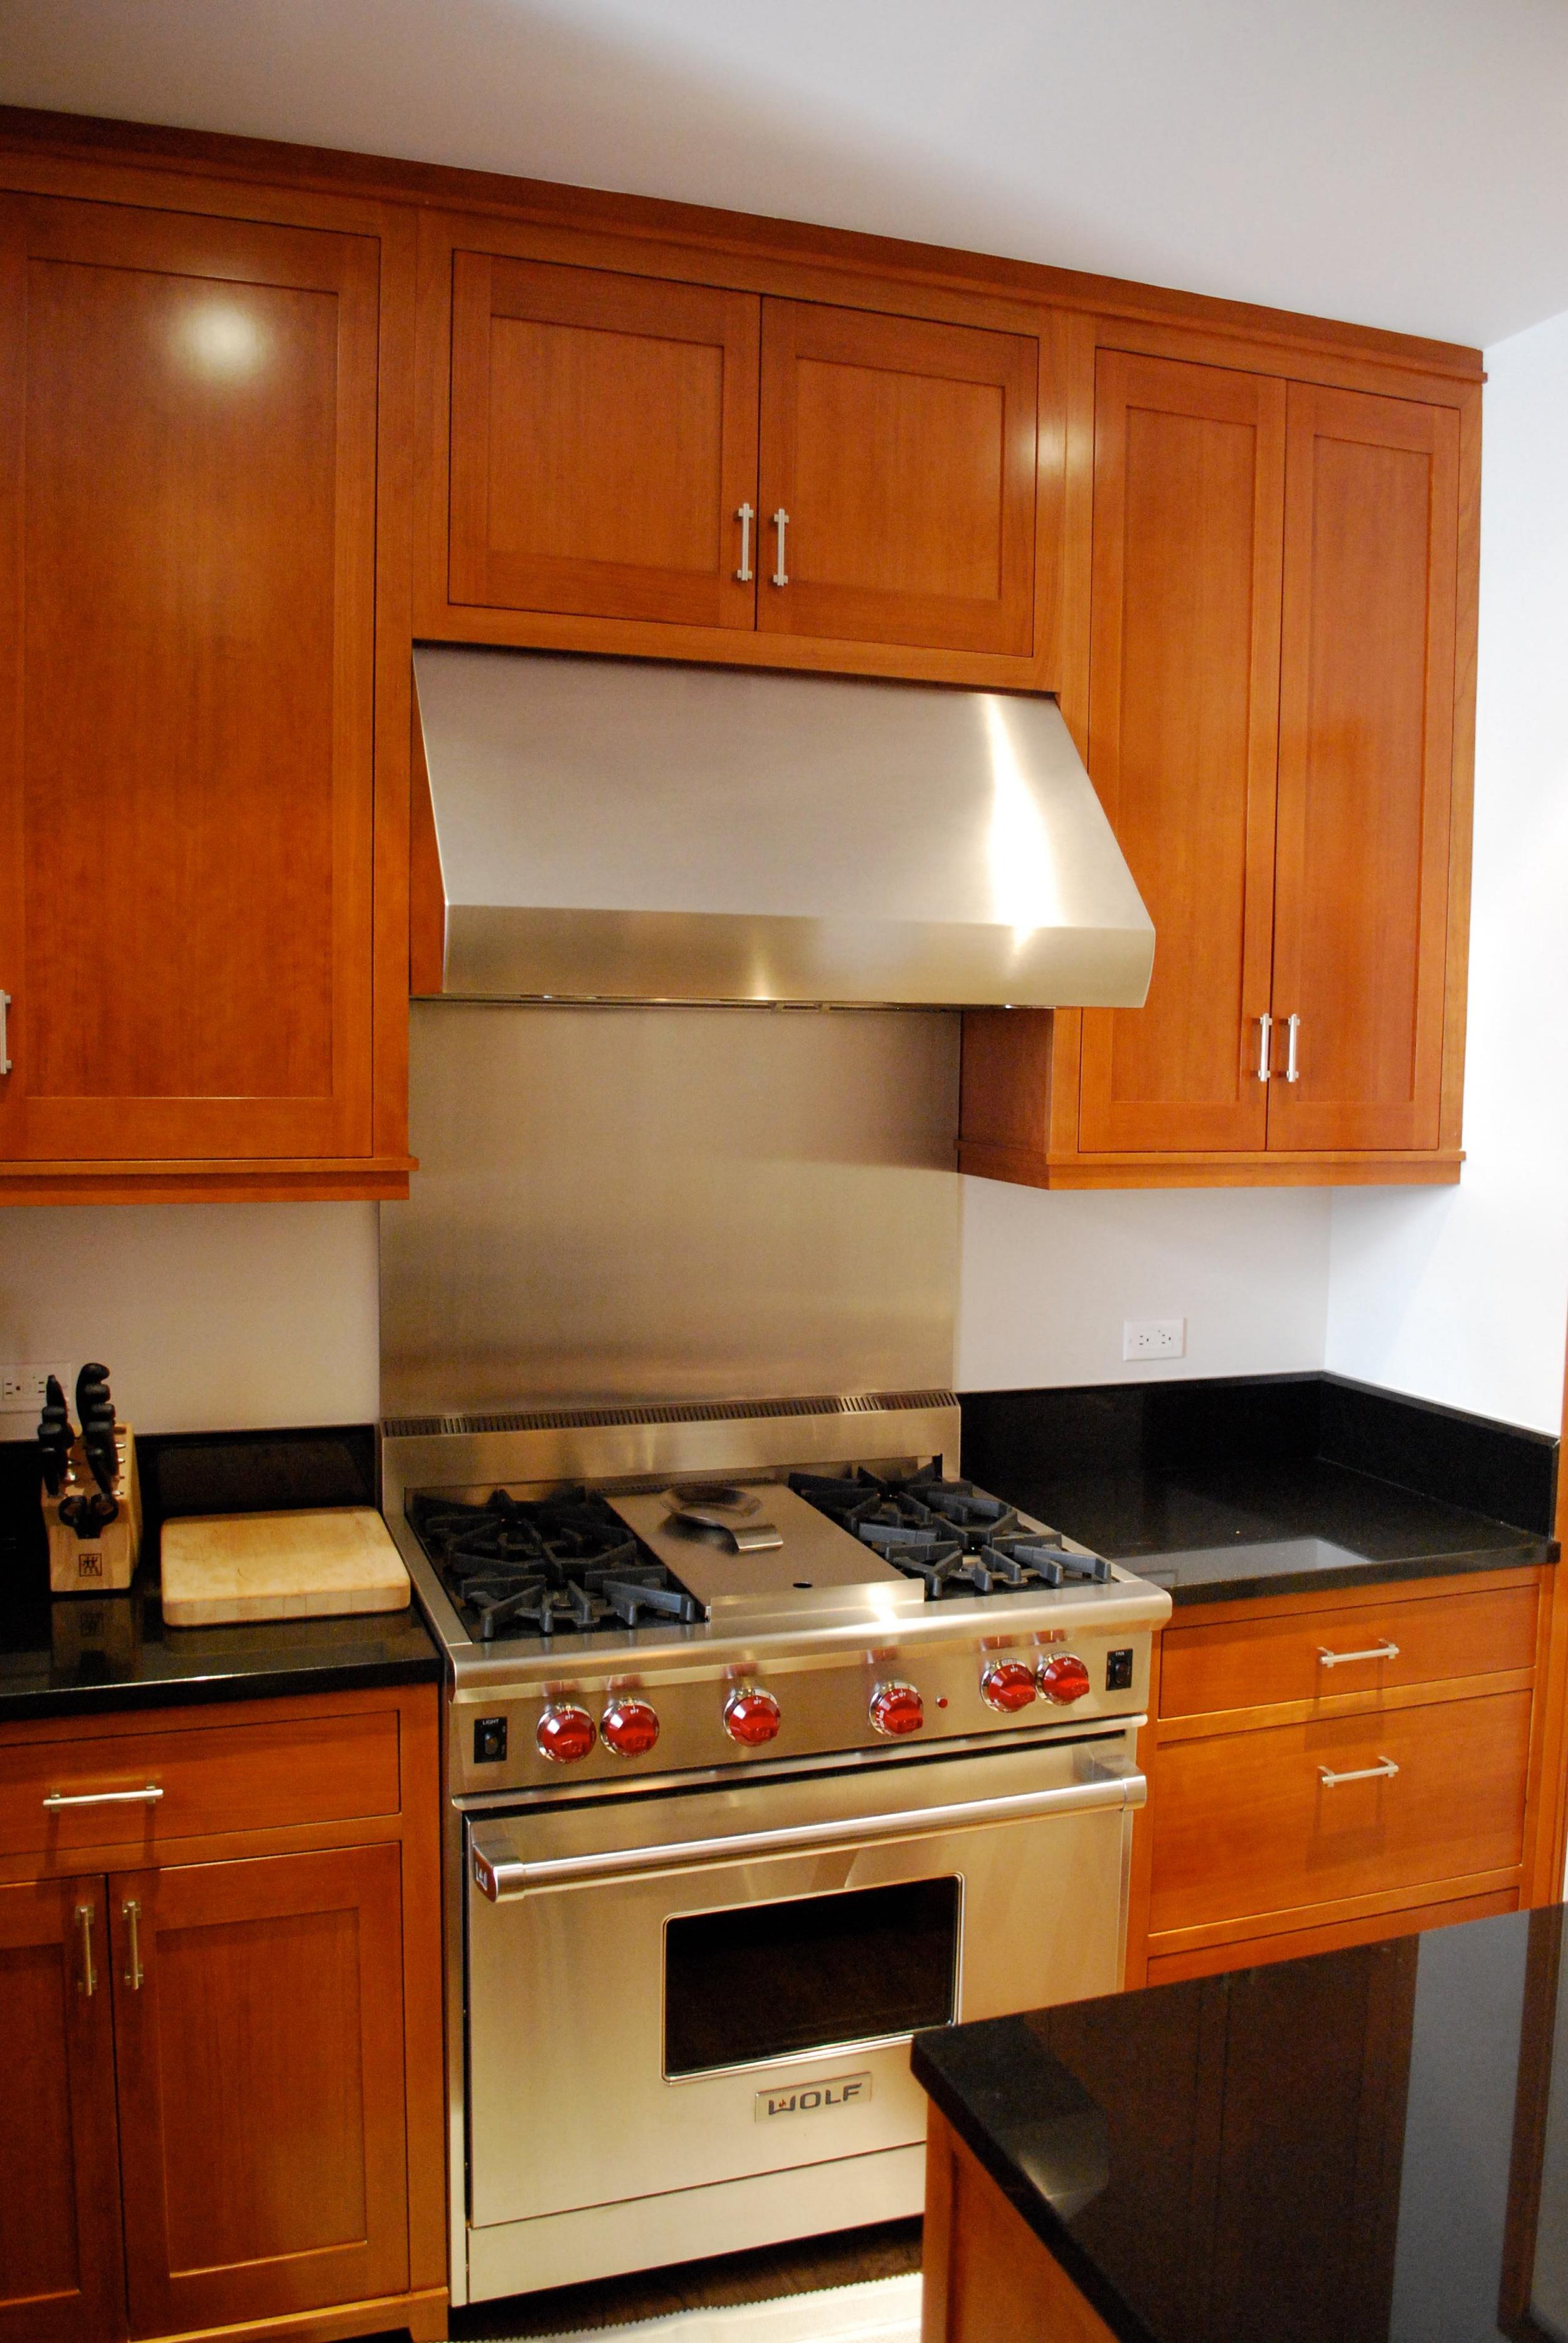 jak_kitchen.jpg